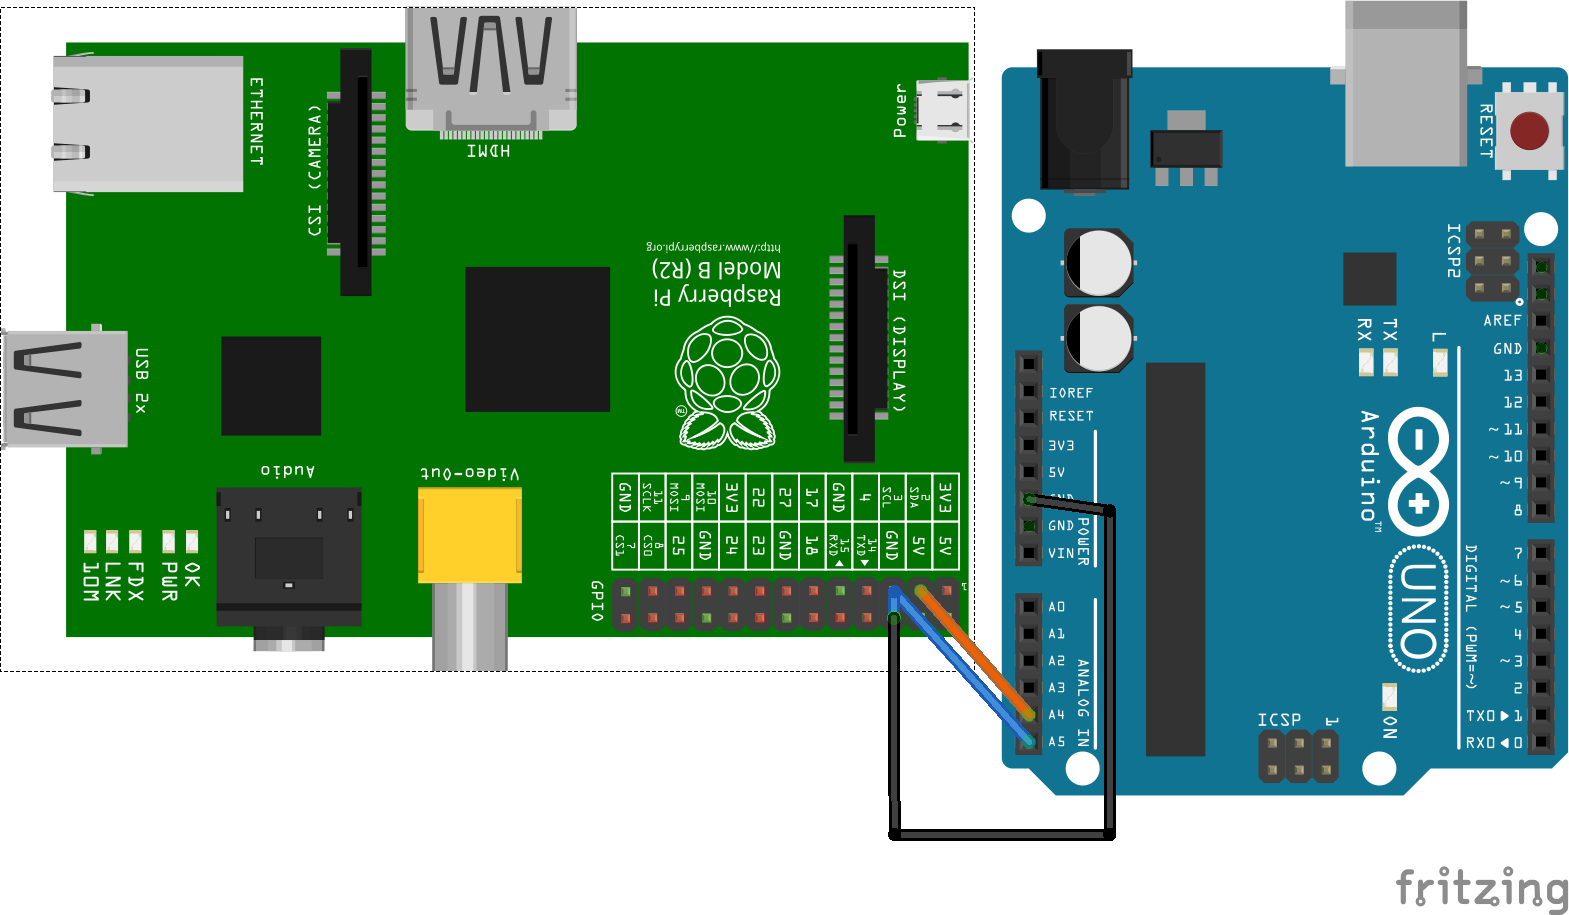 Anschluss Raspberry Pi an Arduino (hier Uno) - im Falle des nackten Atmega328P dient der Raspberry auch als Stromversorgung